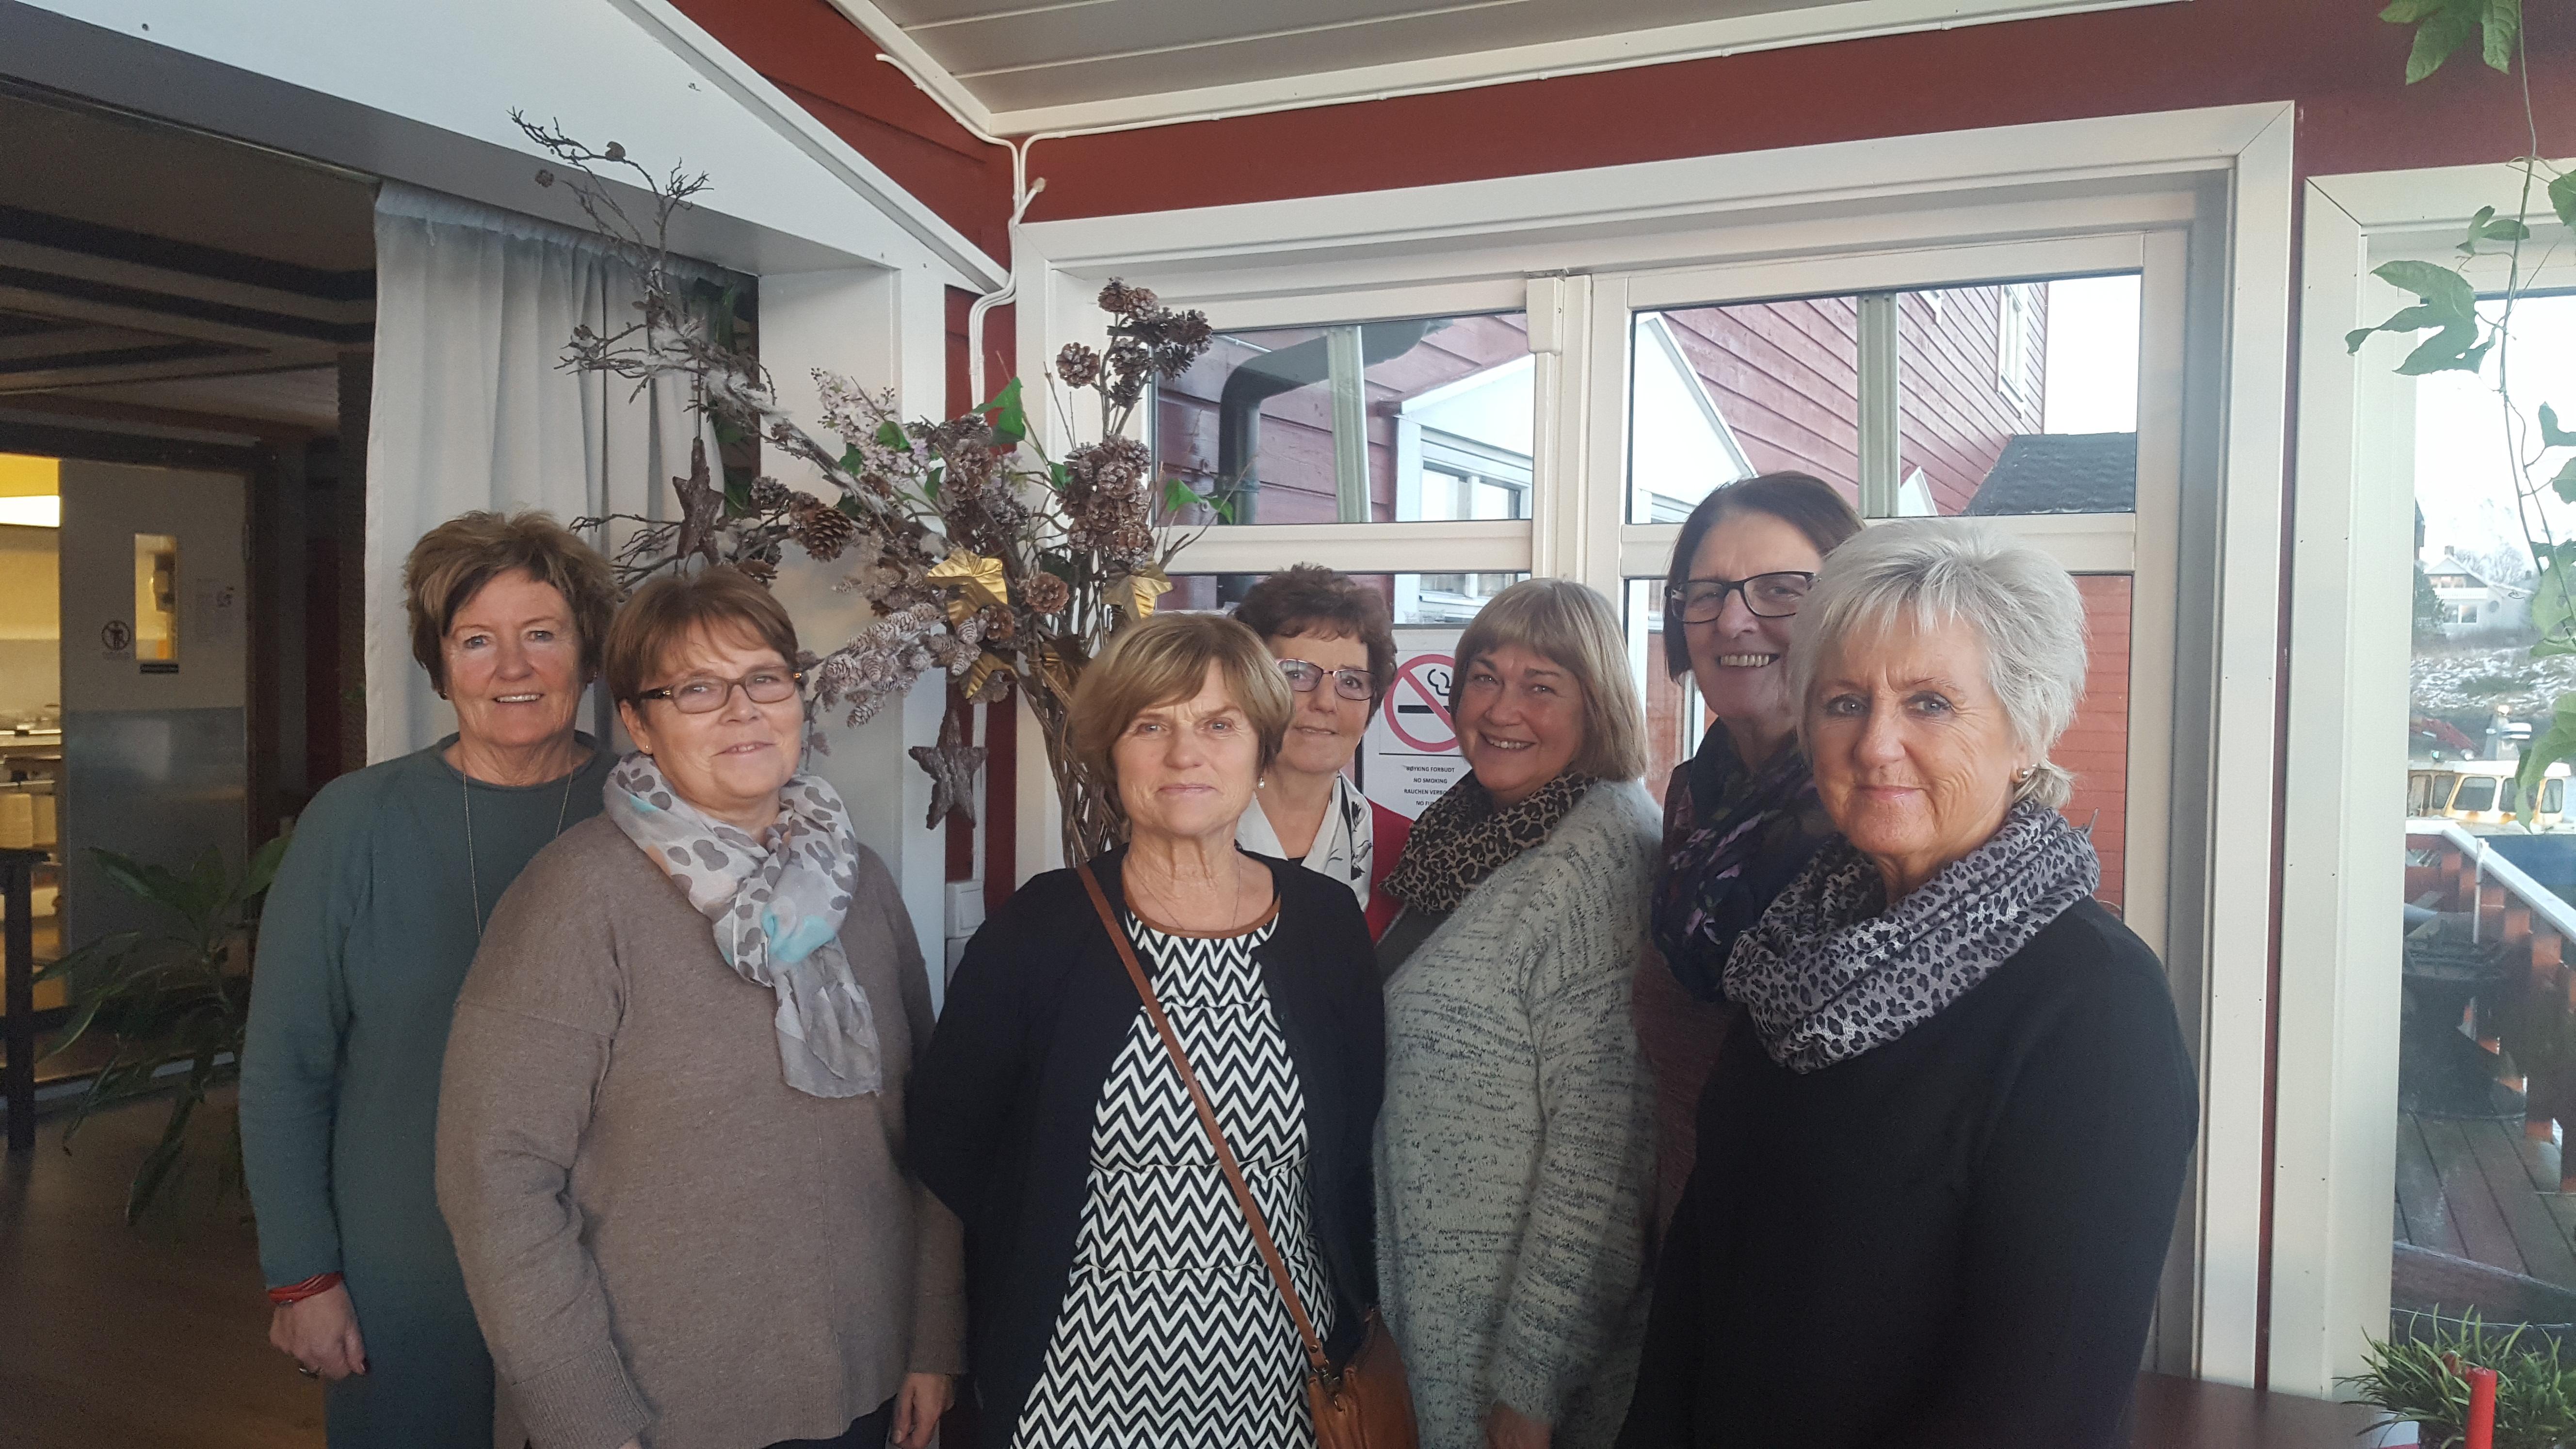 Aktivitetsvennene i Herøy: Fra venstre: Inger Lise Jakobsen, Anne Haraldsen, Gerd Sjåvik, Rigmor Paulsen, Eli Olsen, Janne Vold og Else Skagen. Inger Anne Jørgensen var ikke til stede da bildet ble tatt.